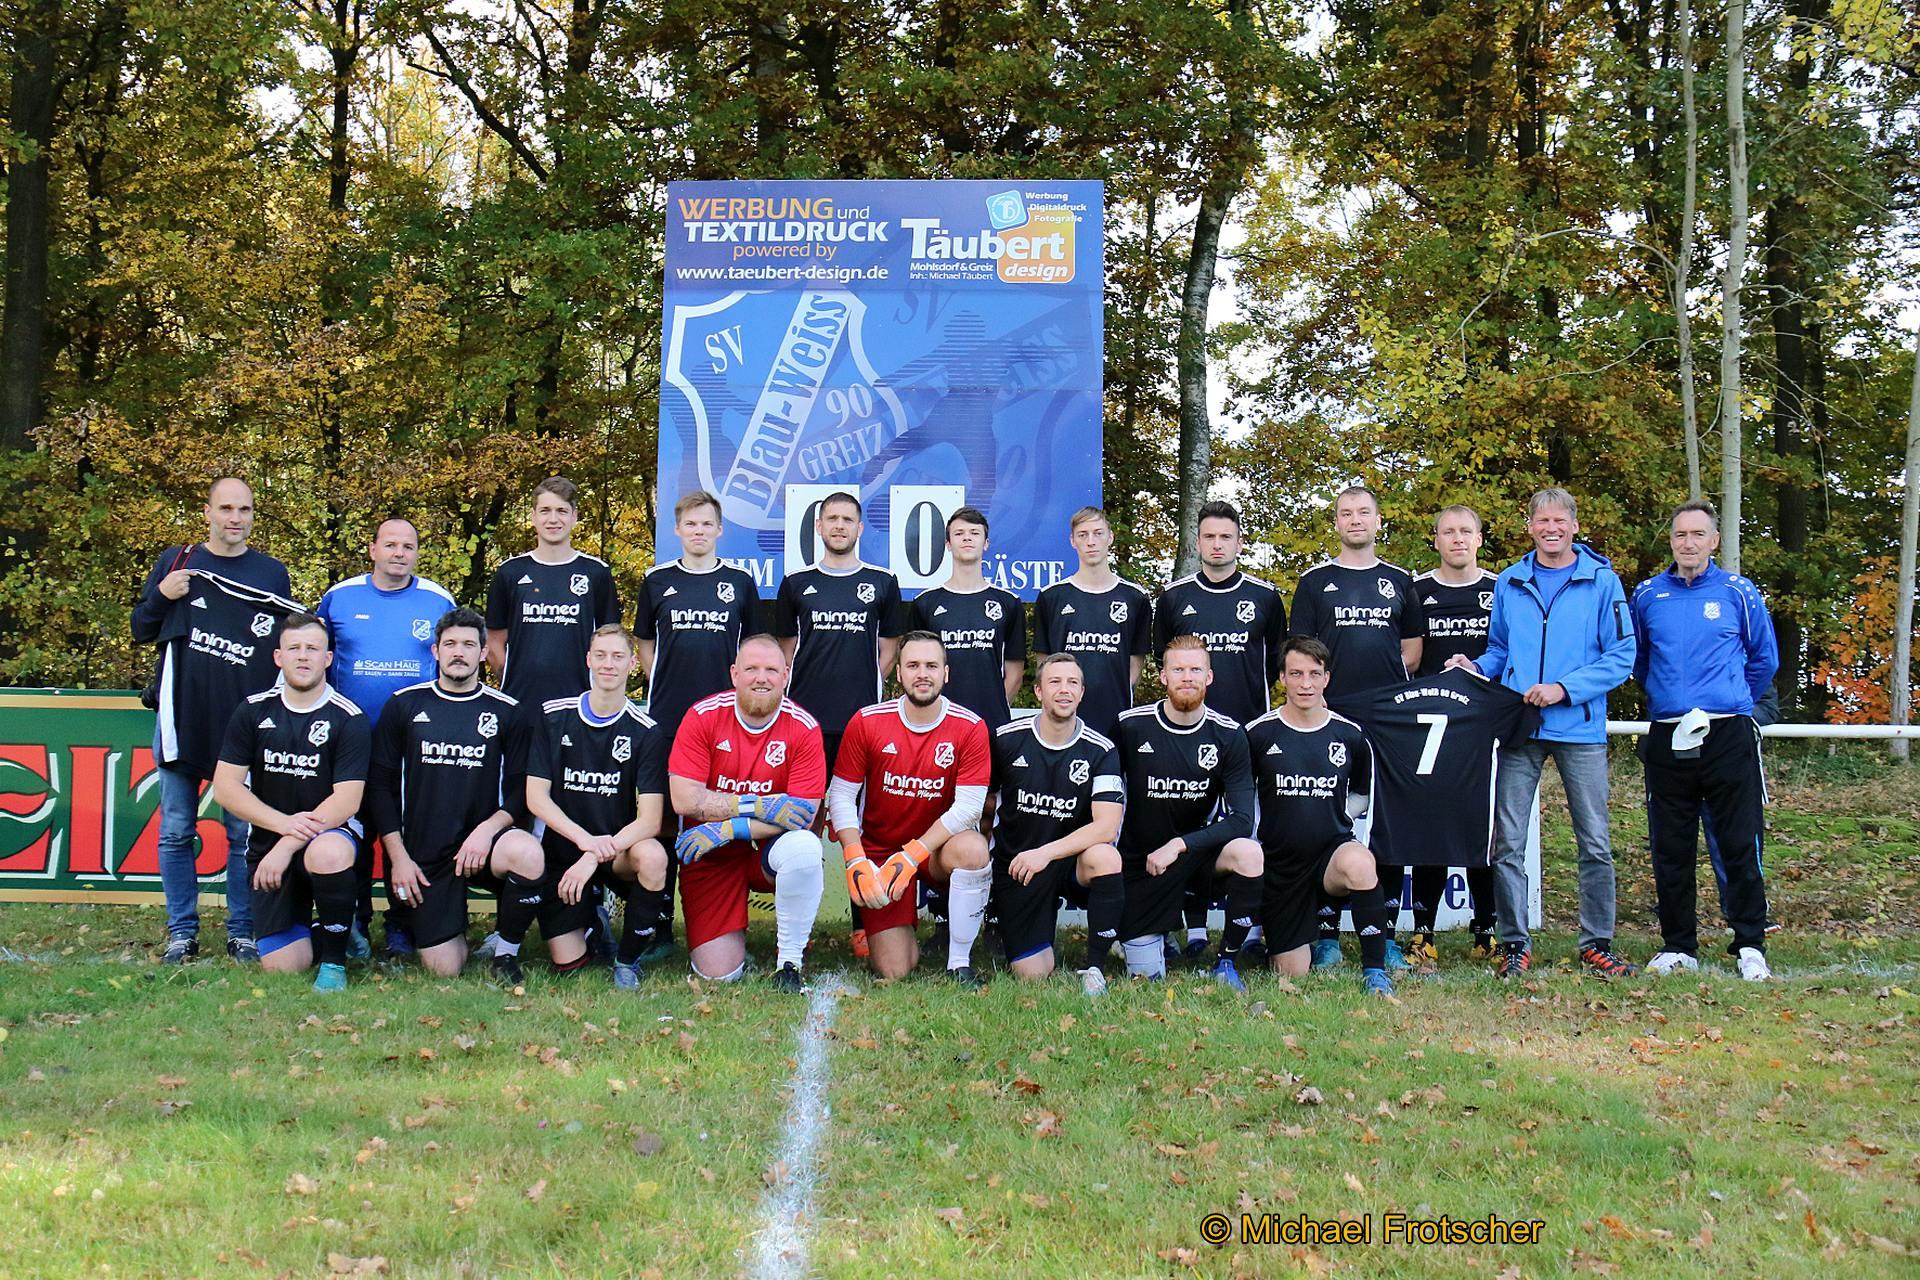 SV Blau-Weiß 90 Greiz: Neue Spielkleidung für die Fußballer